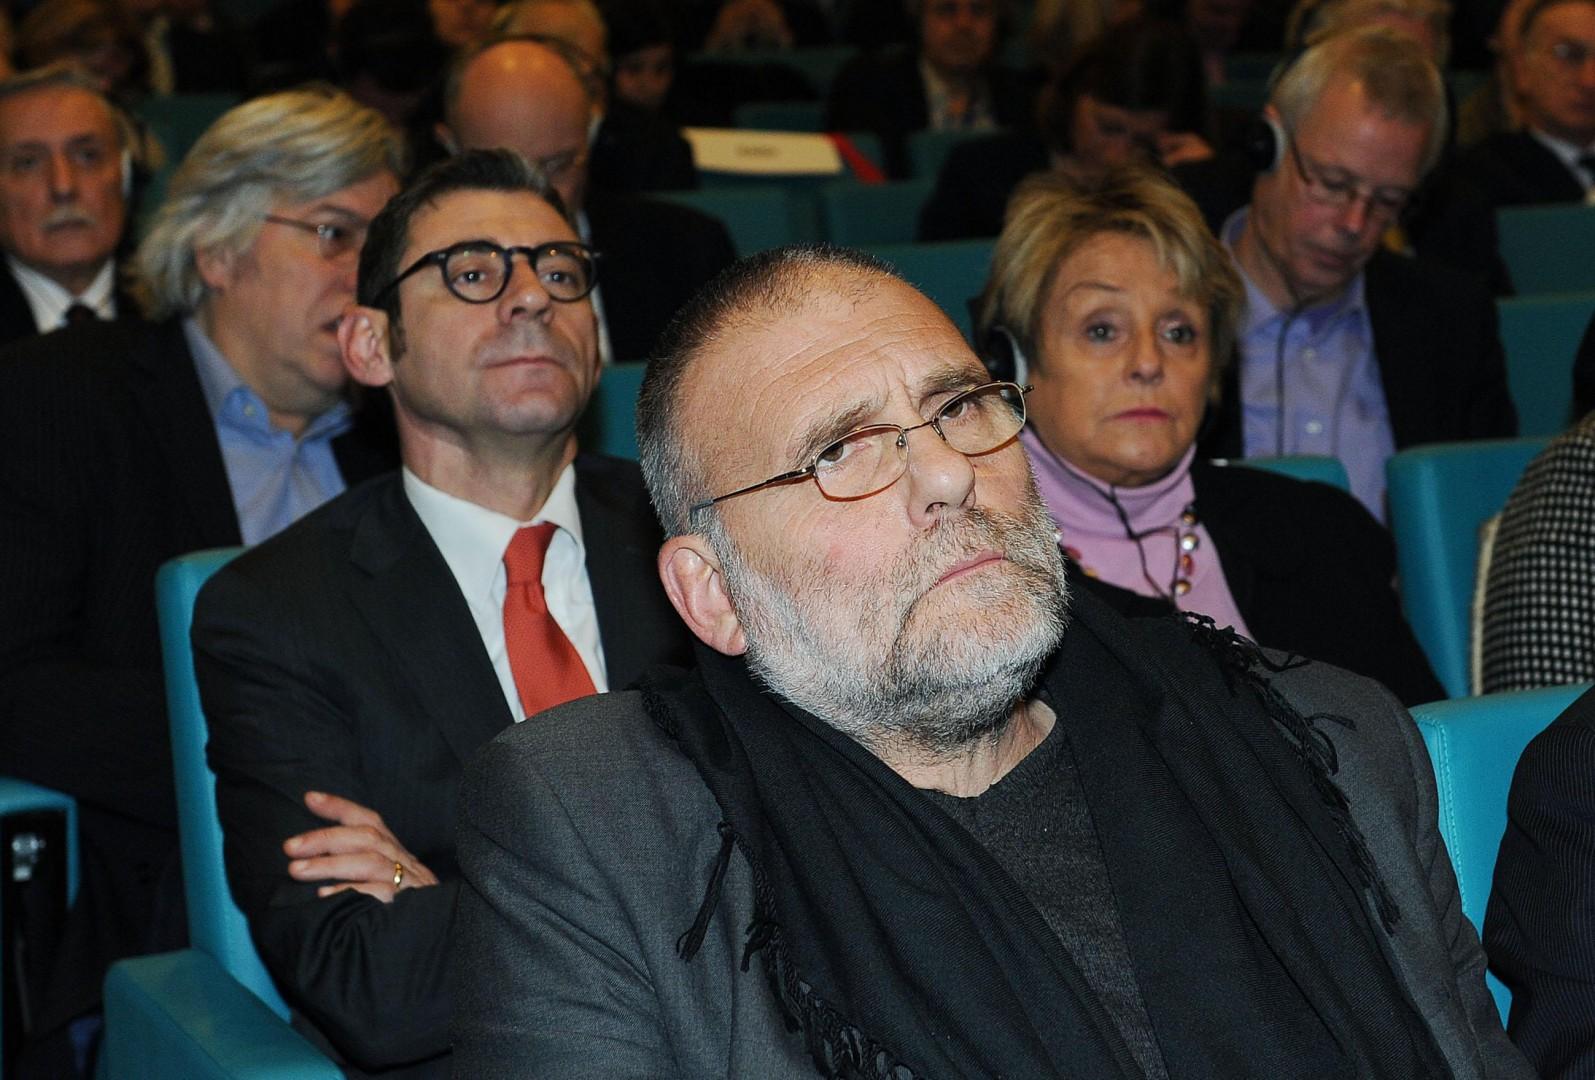 Padre Paolo Dall'Oglio, il gesuita italiano che sarebbe stato rapito in Siria in una foto d'archivio del 13 dicembre 2012,Torino,30 luglio 2013 ANSA/ ALESSANDRO DI MARCO